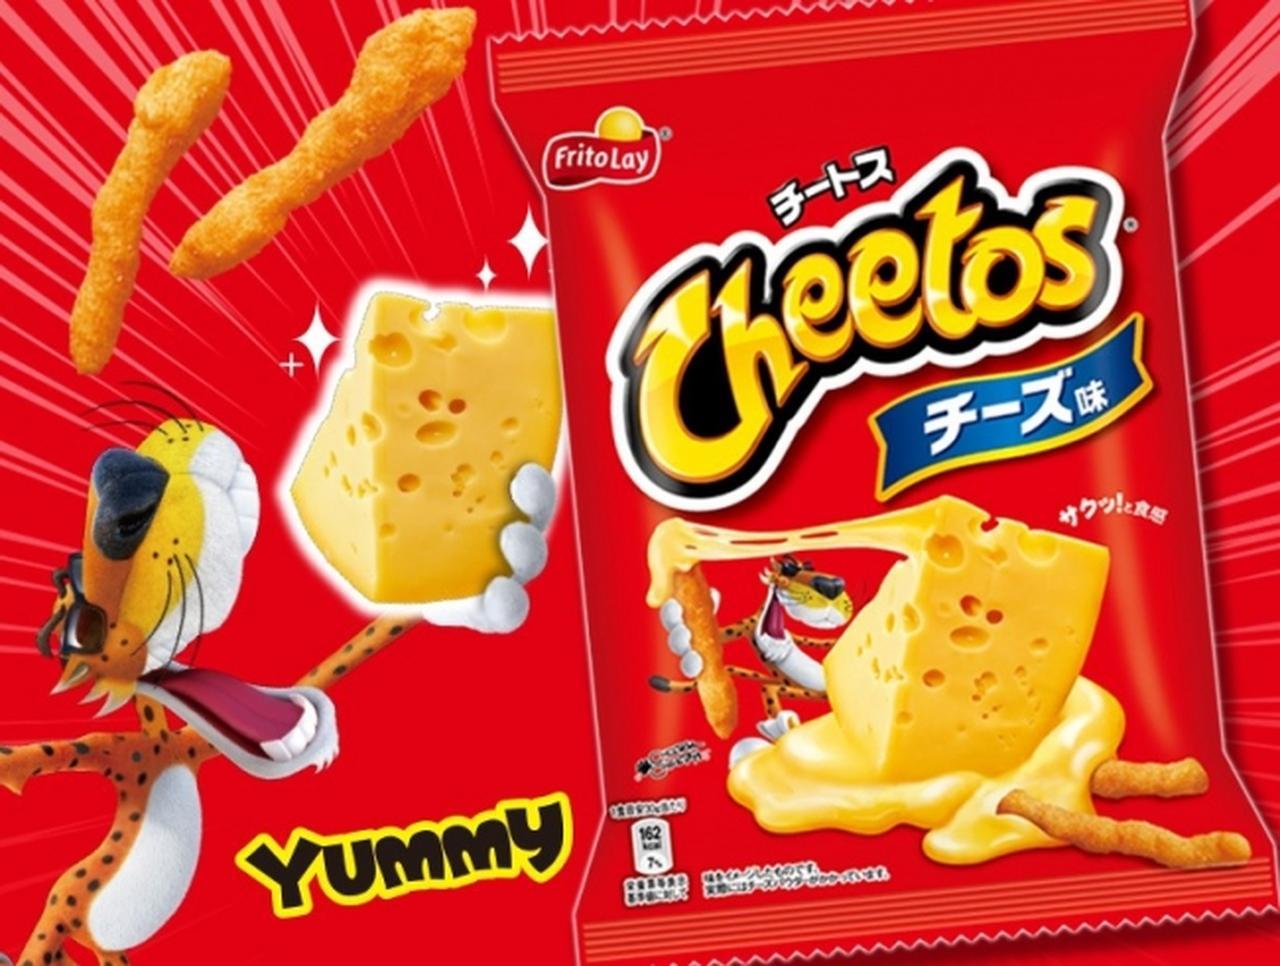 画像1: チーズスナック「チートス」がさらにおいしくなって登場